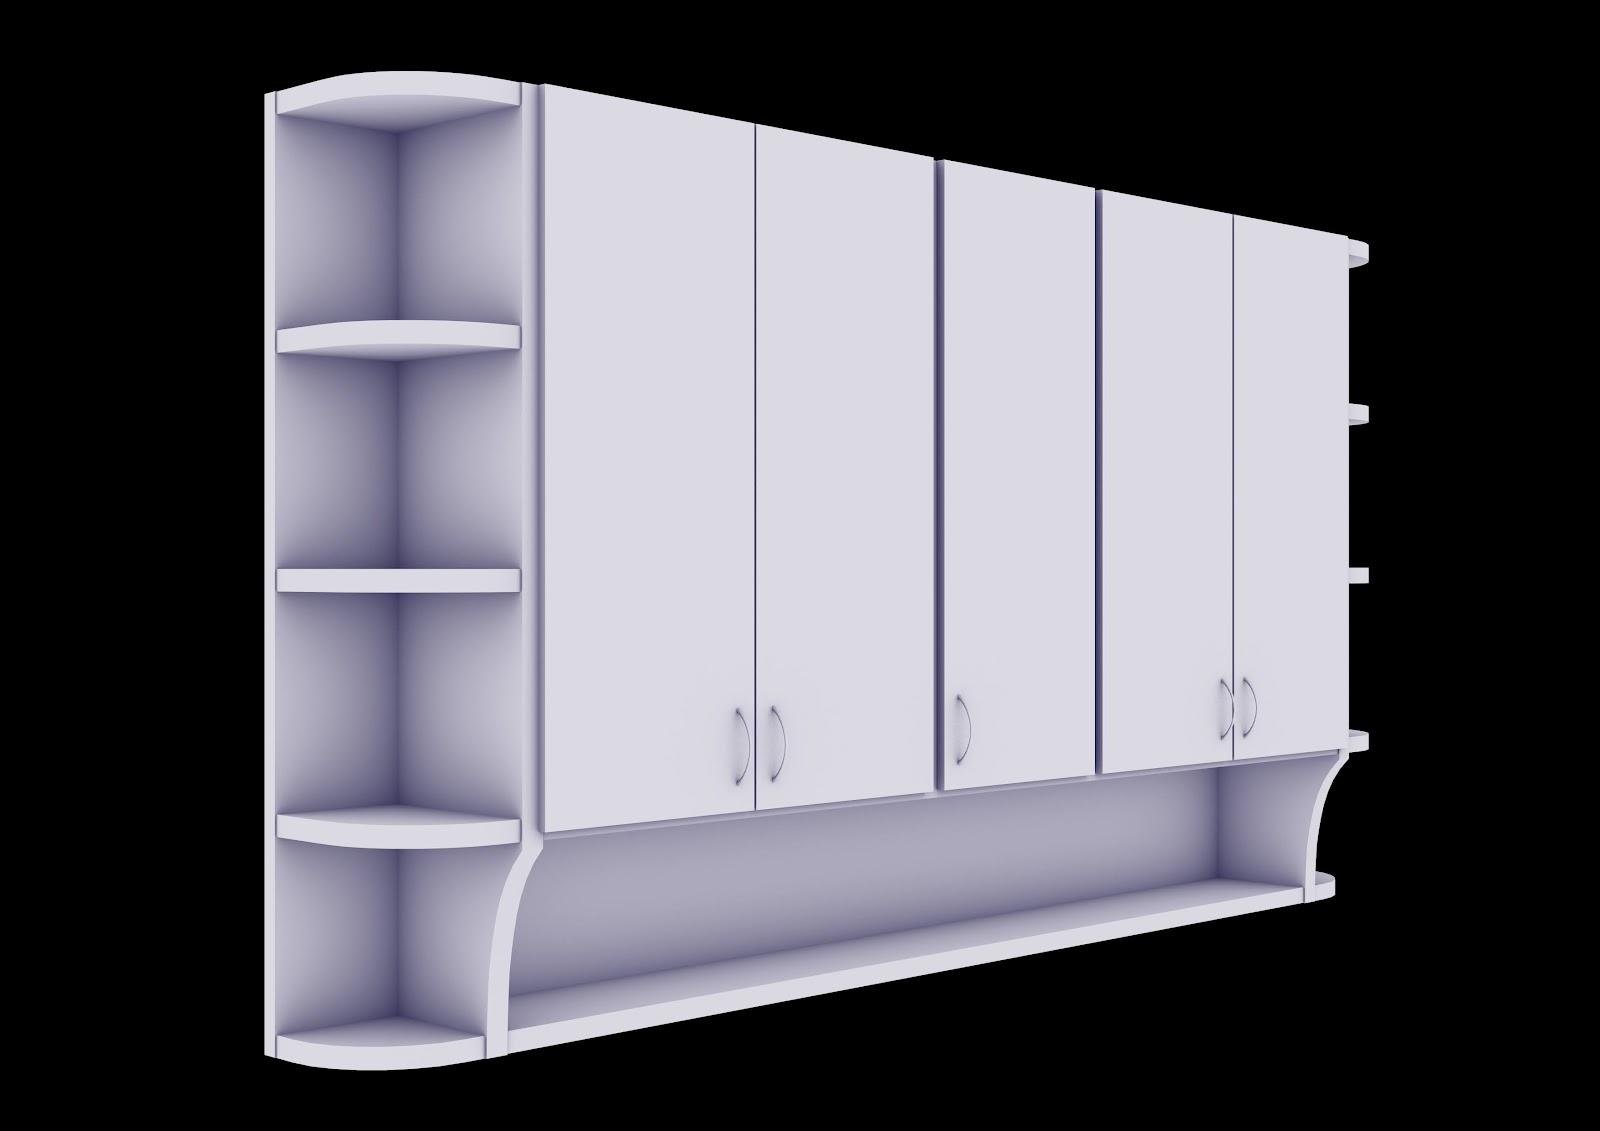 armario da cozinha este é um dos armários da cozinha aqui de casa  #4E4B6D 1600 1131